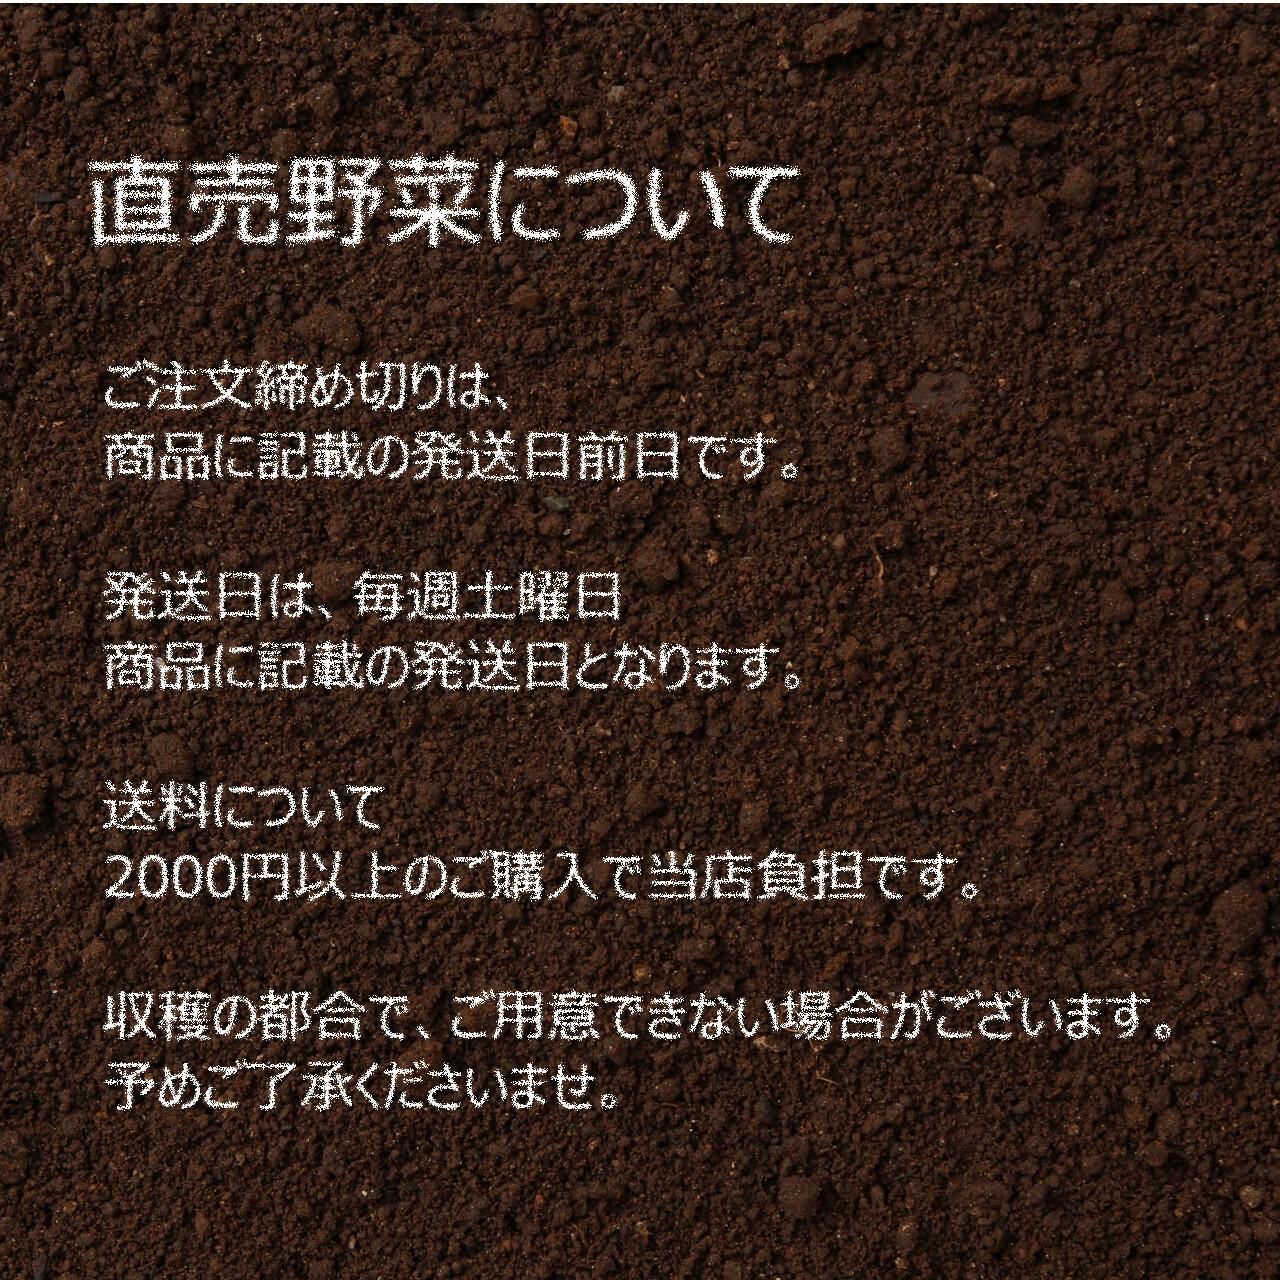 新鮮な夏野菜 : インゲン 約150g 8月の朝採り直売野菜  8月15日発送予定